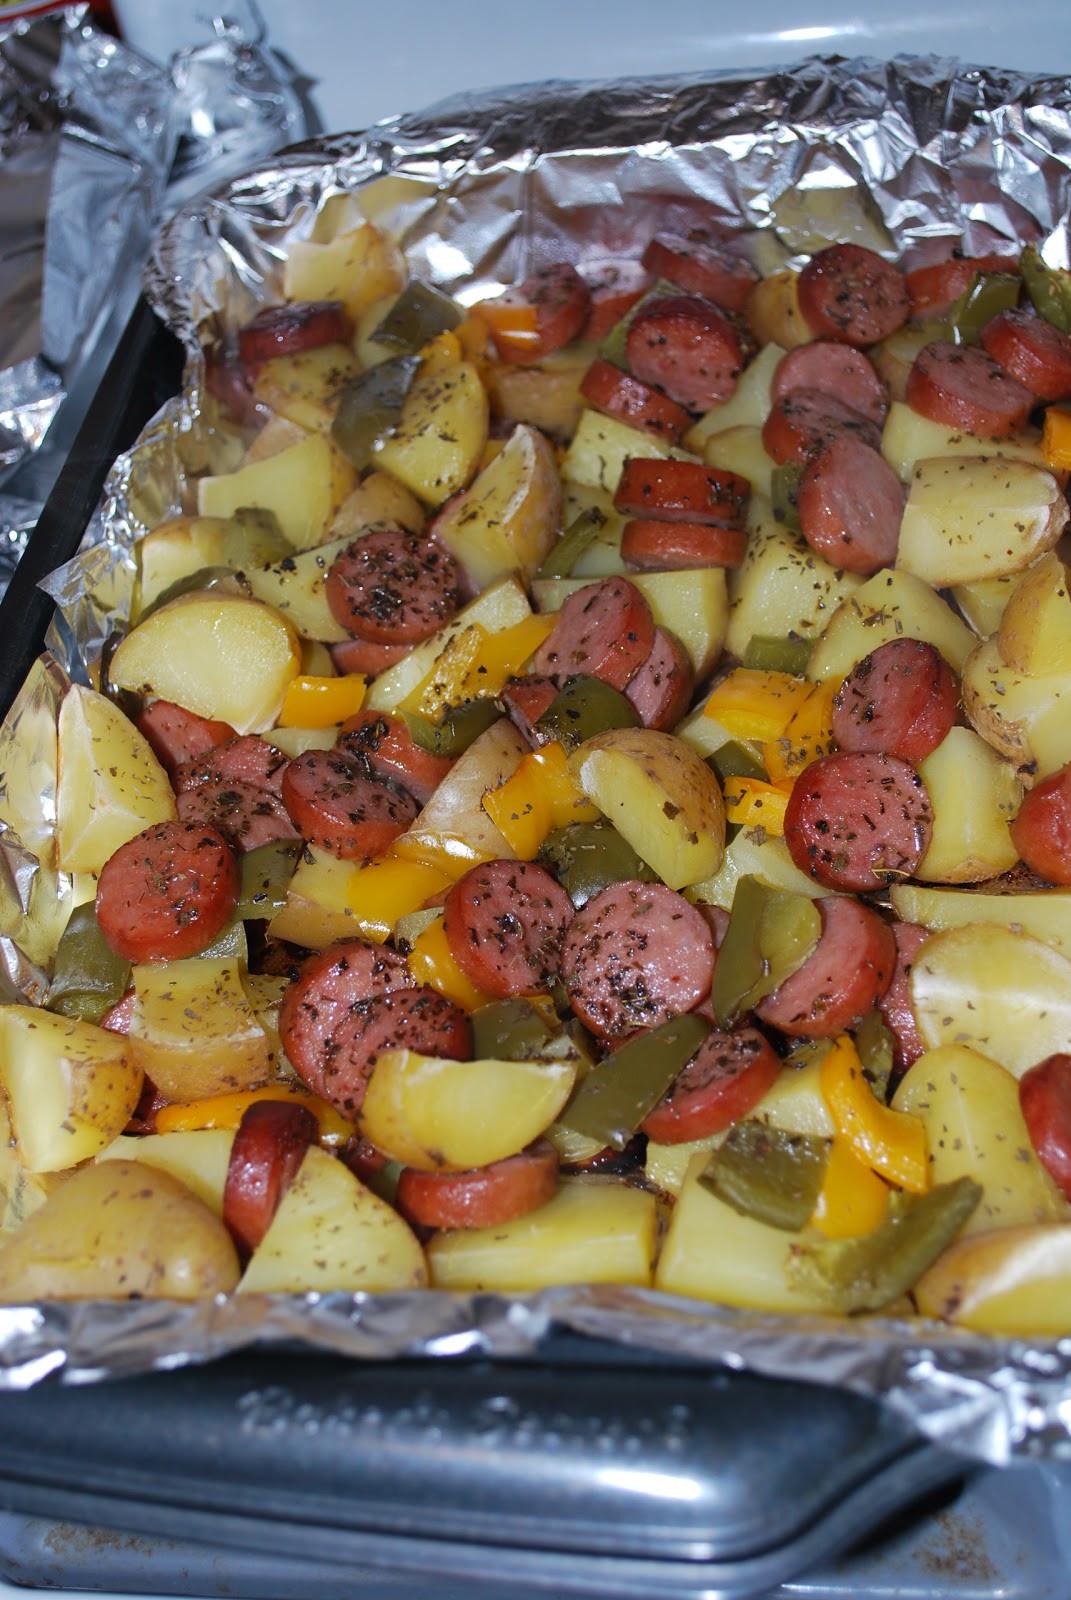 Smoked Sausage And Potato Bake  Chicago Foo Sisters Smoked sausage and potato bake